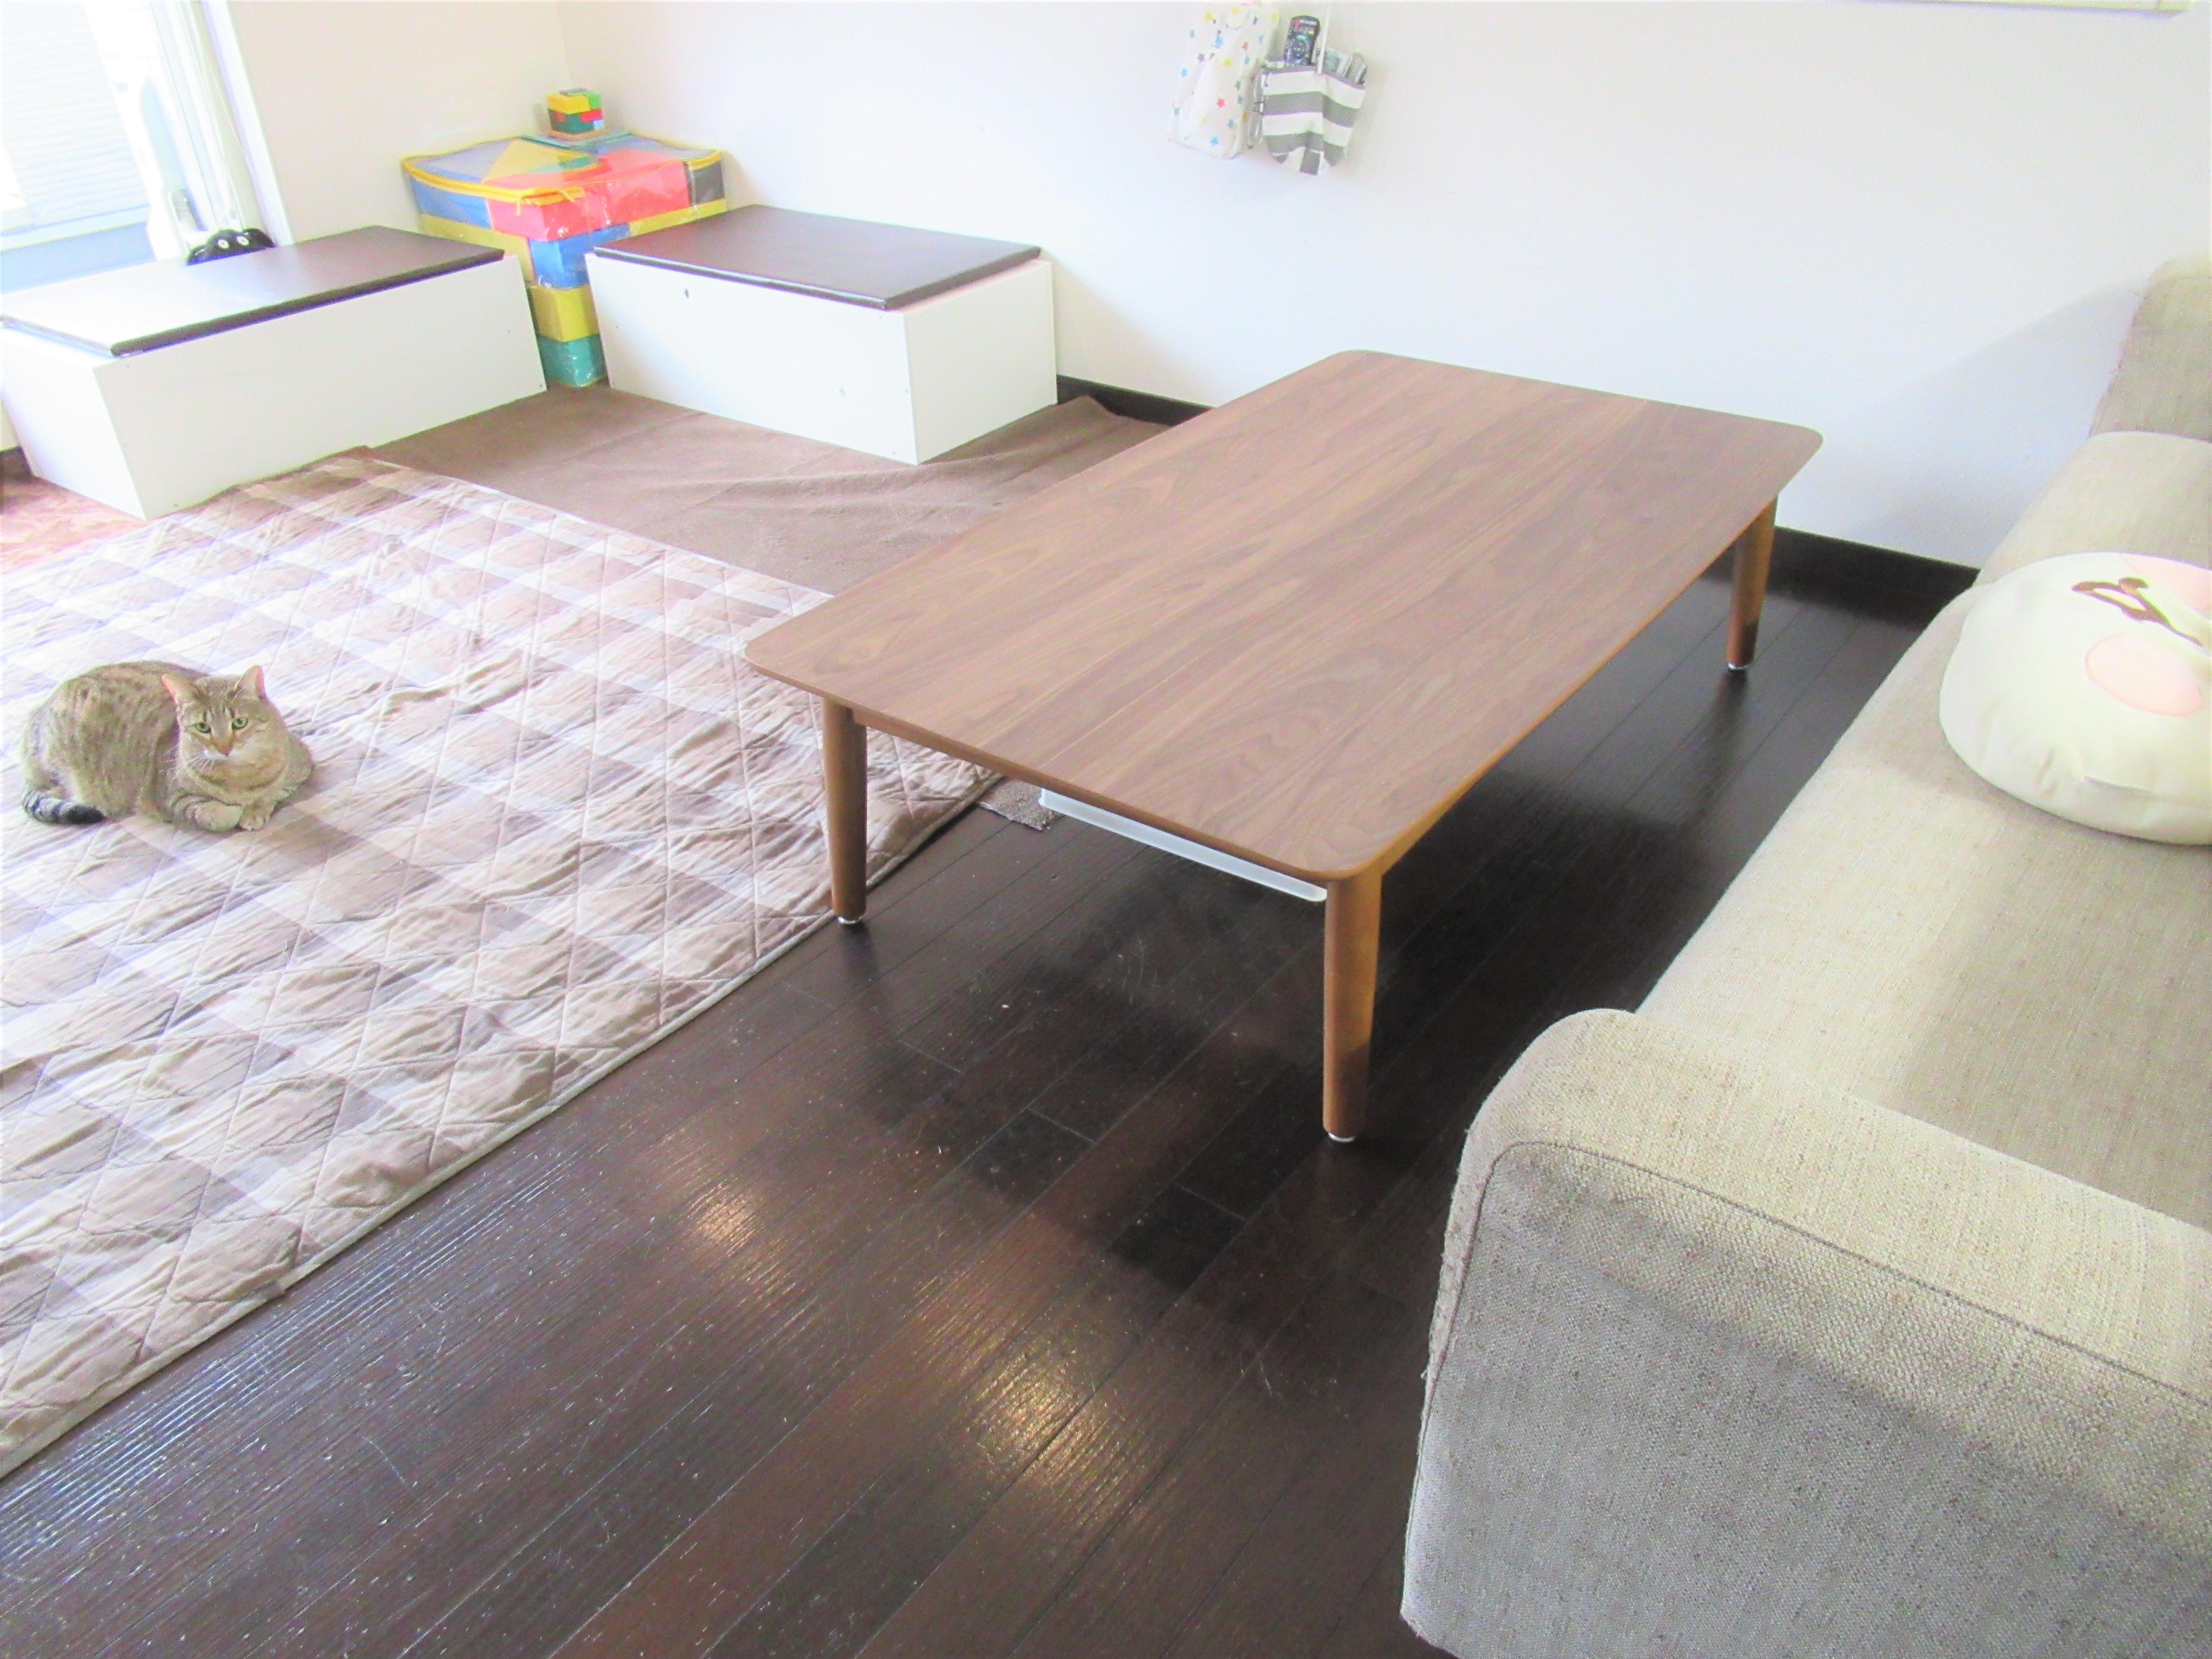 部屋の模様替え|子ども仕様のリビングはテーブルの高さは60㎝がオススメ